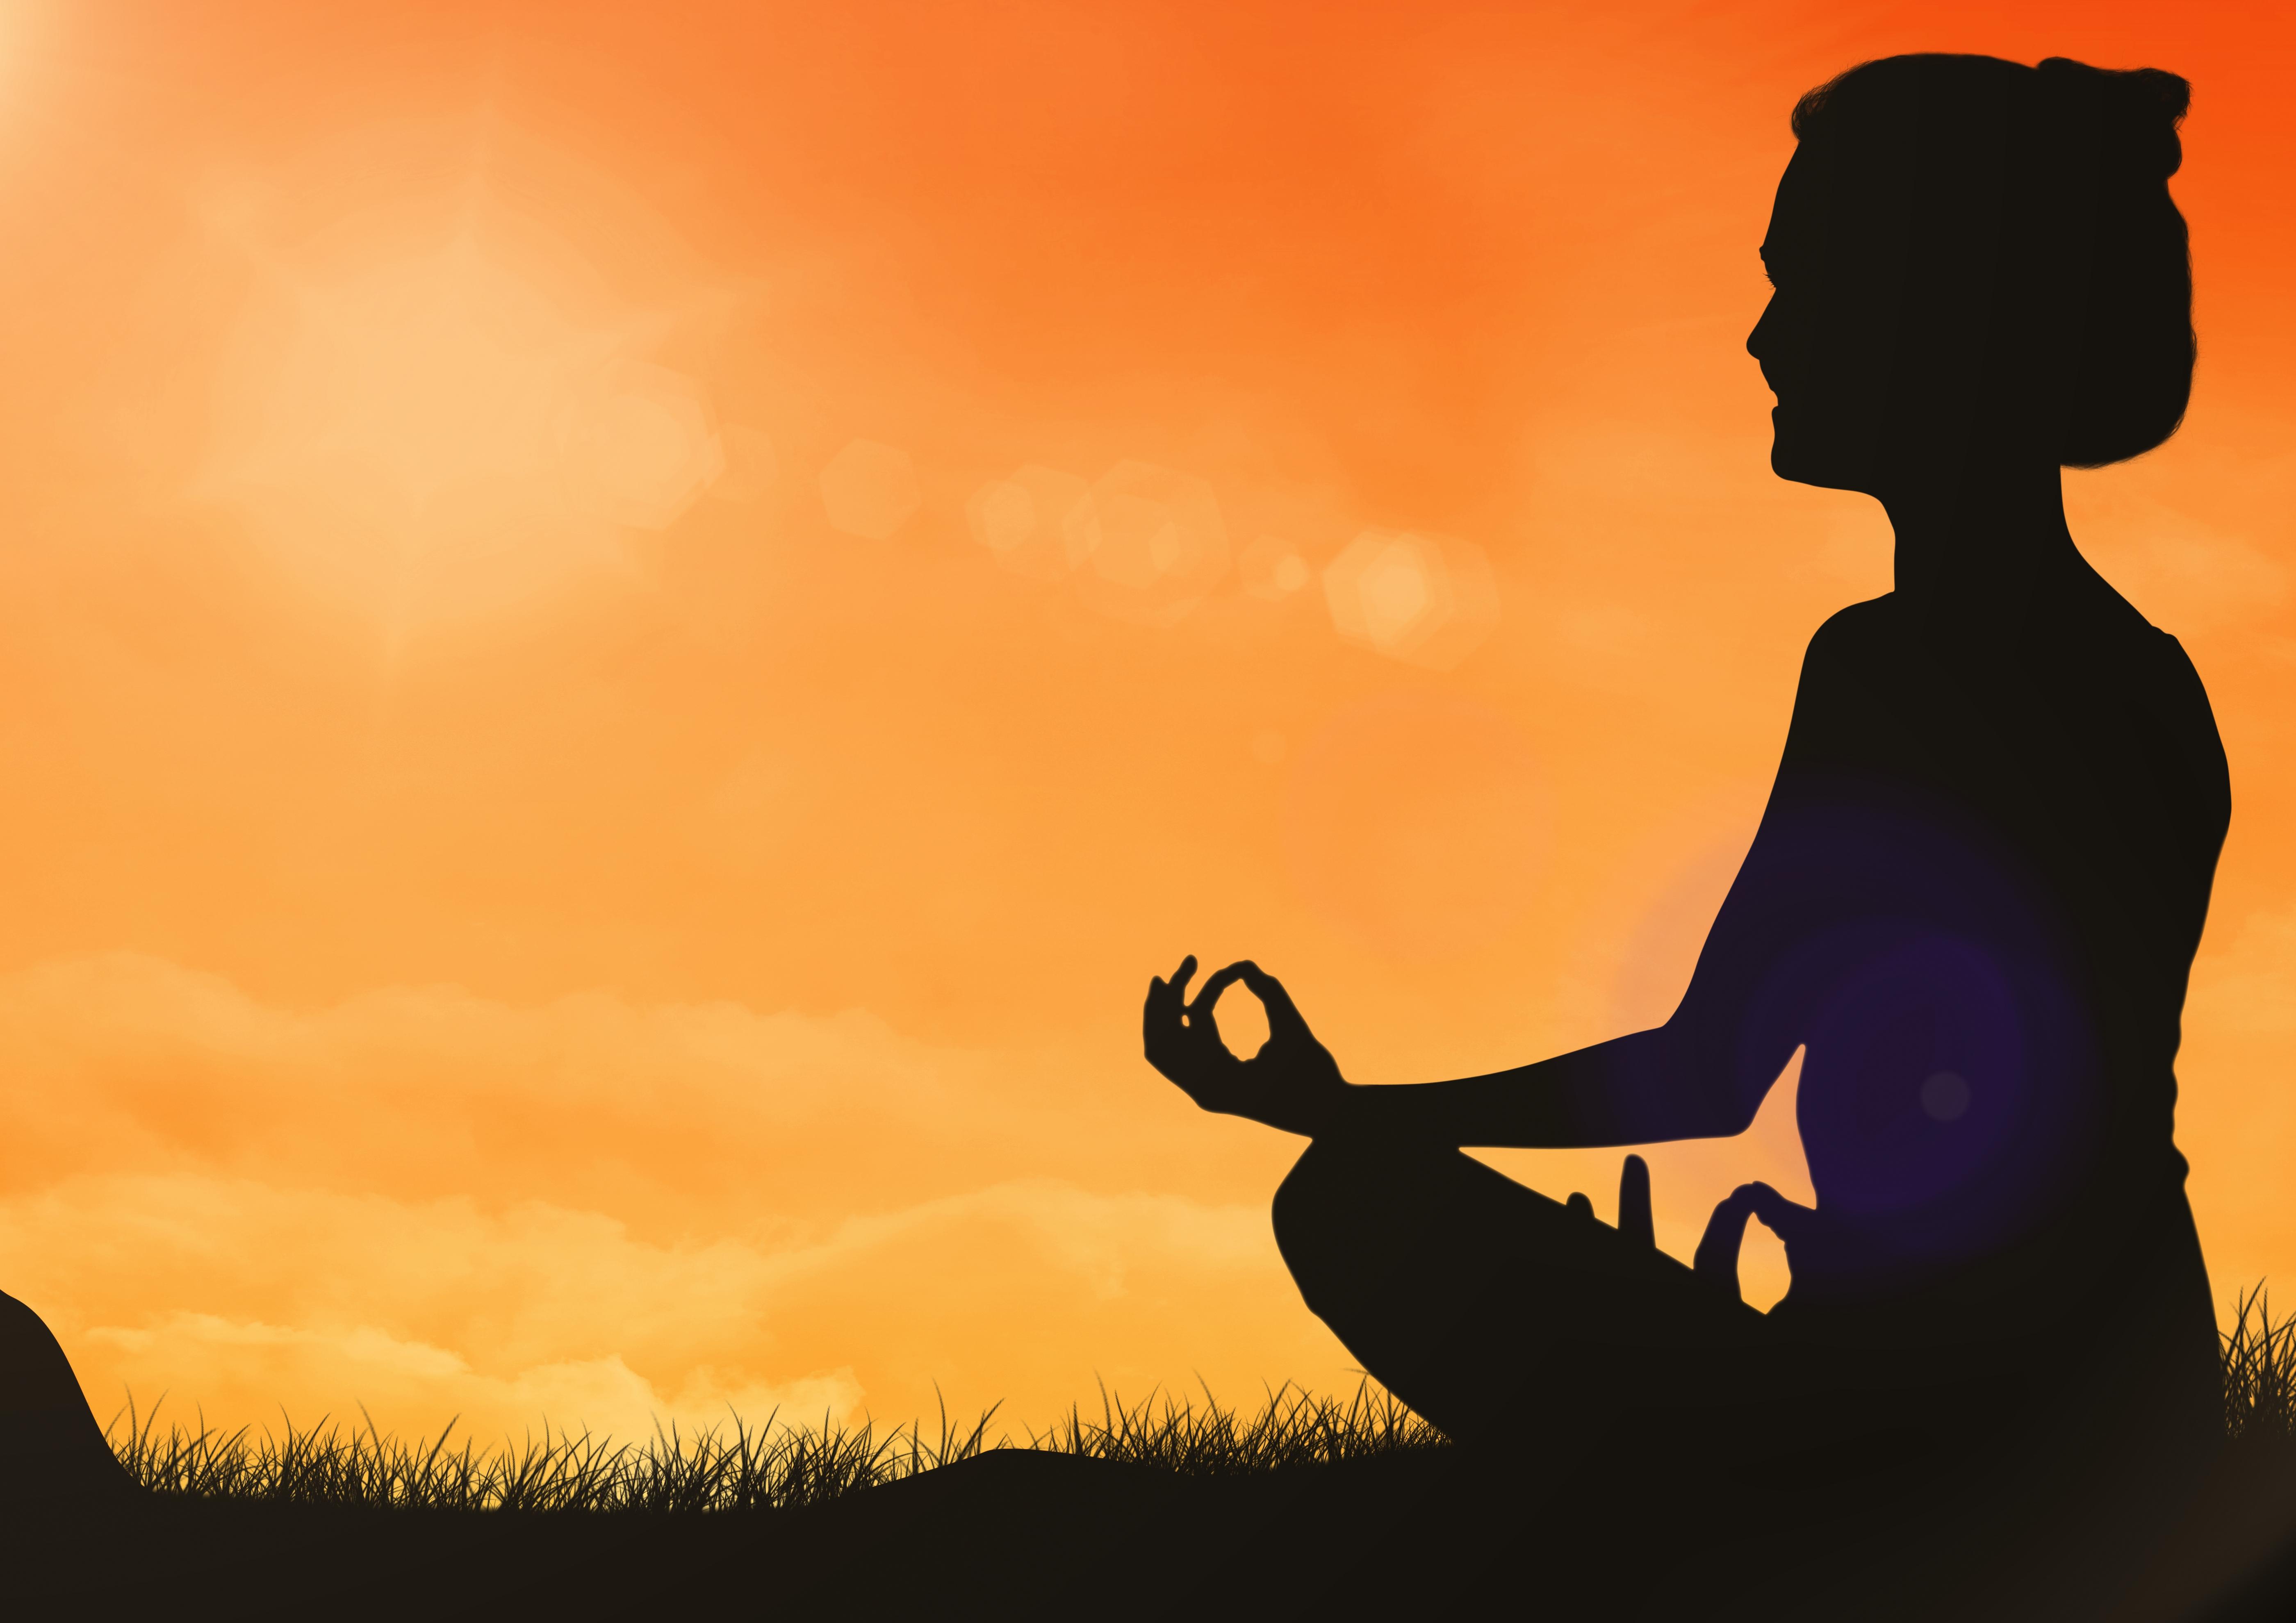 Beneficios de pr cticar ejercicios de relajaci n - Relajacion para dormir bien ...